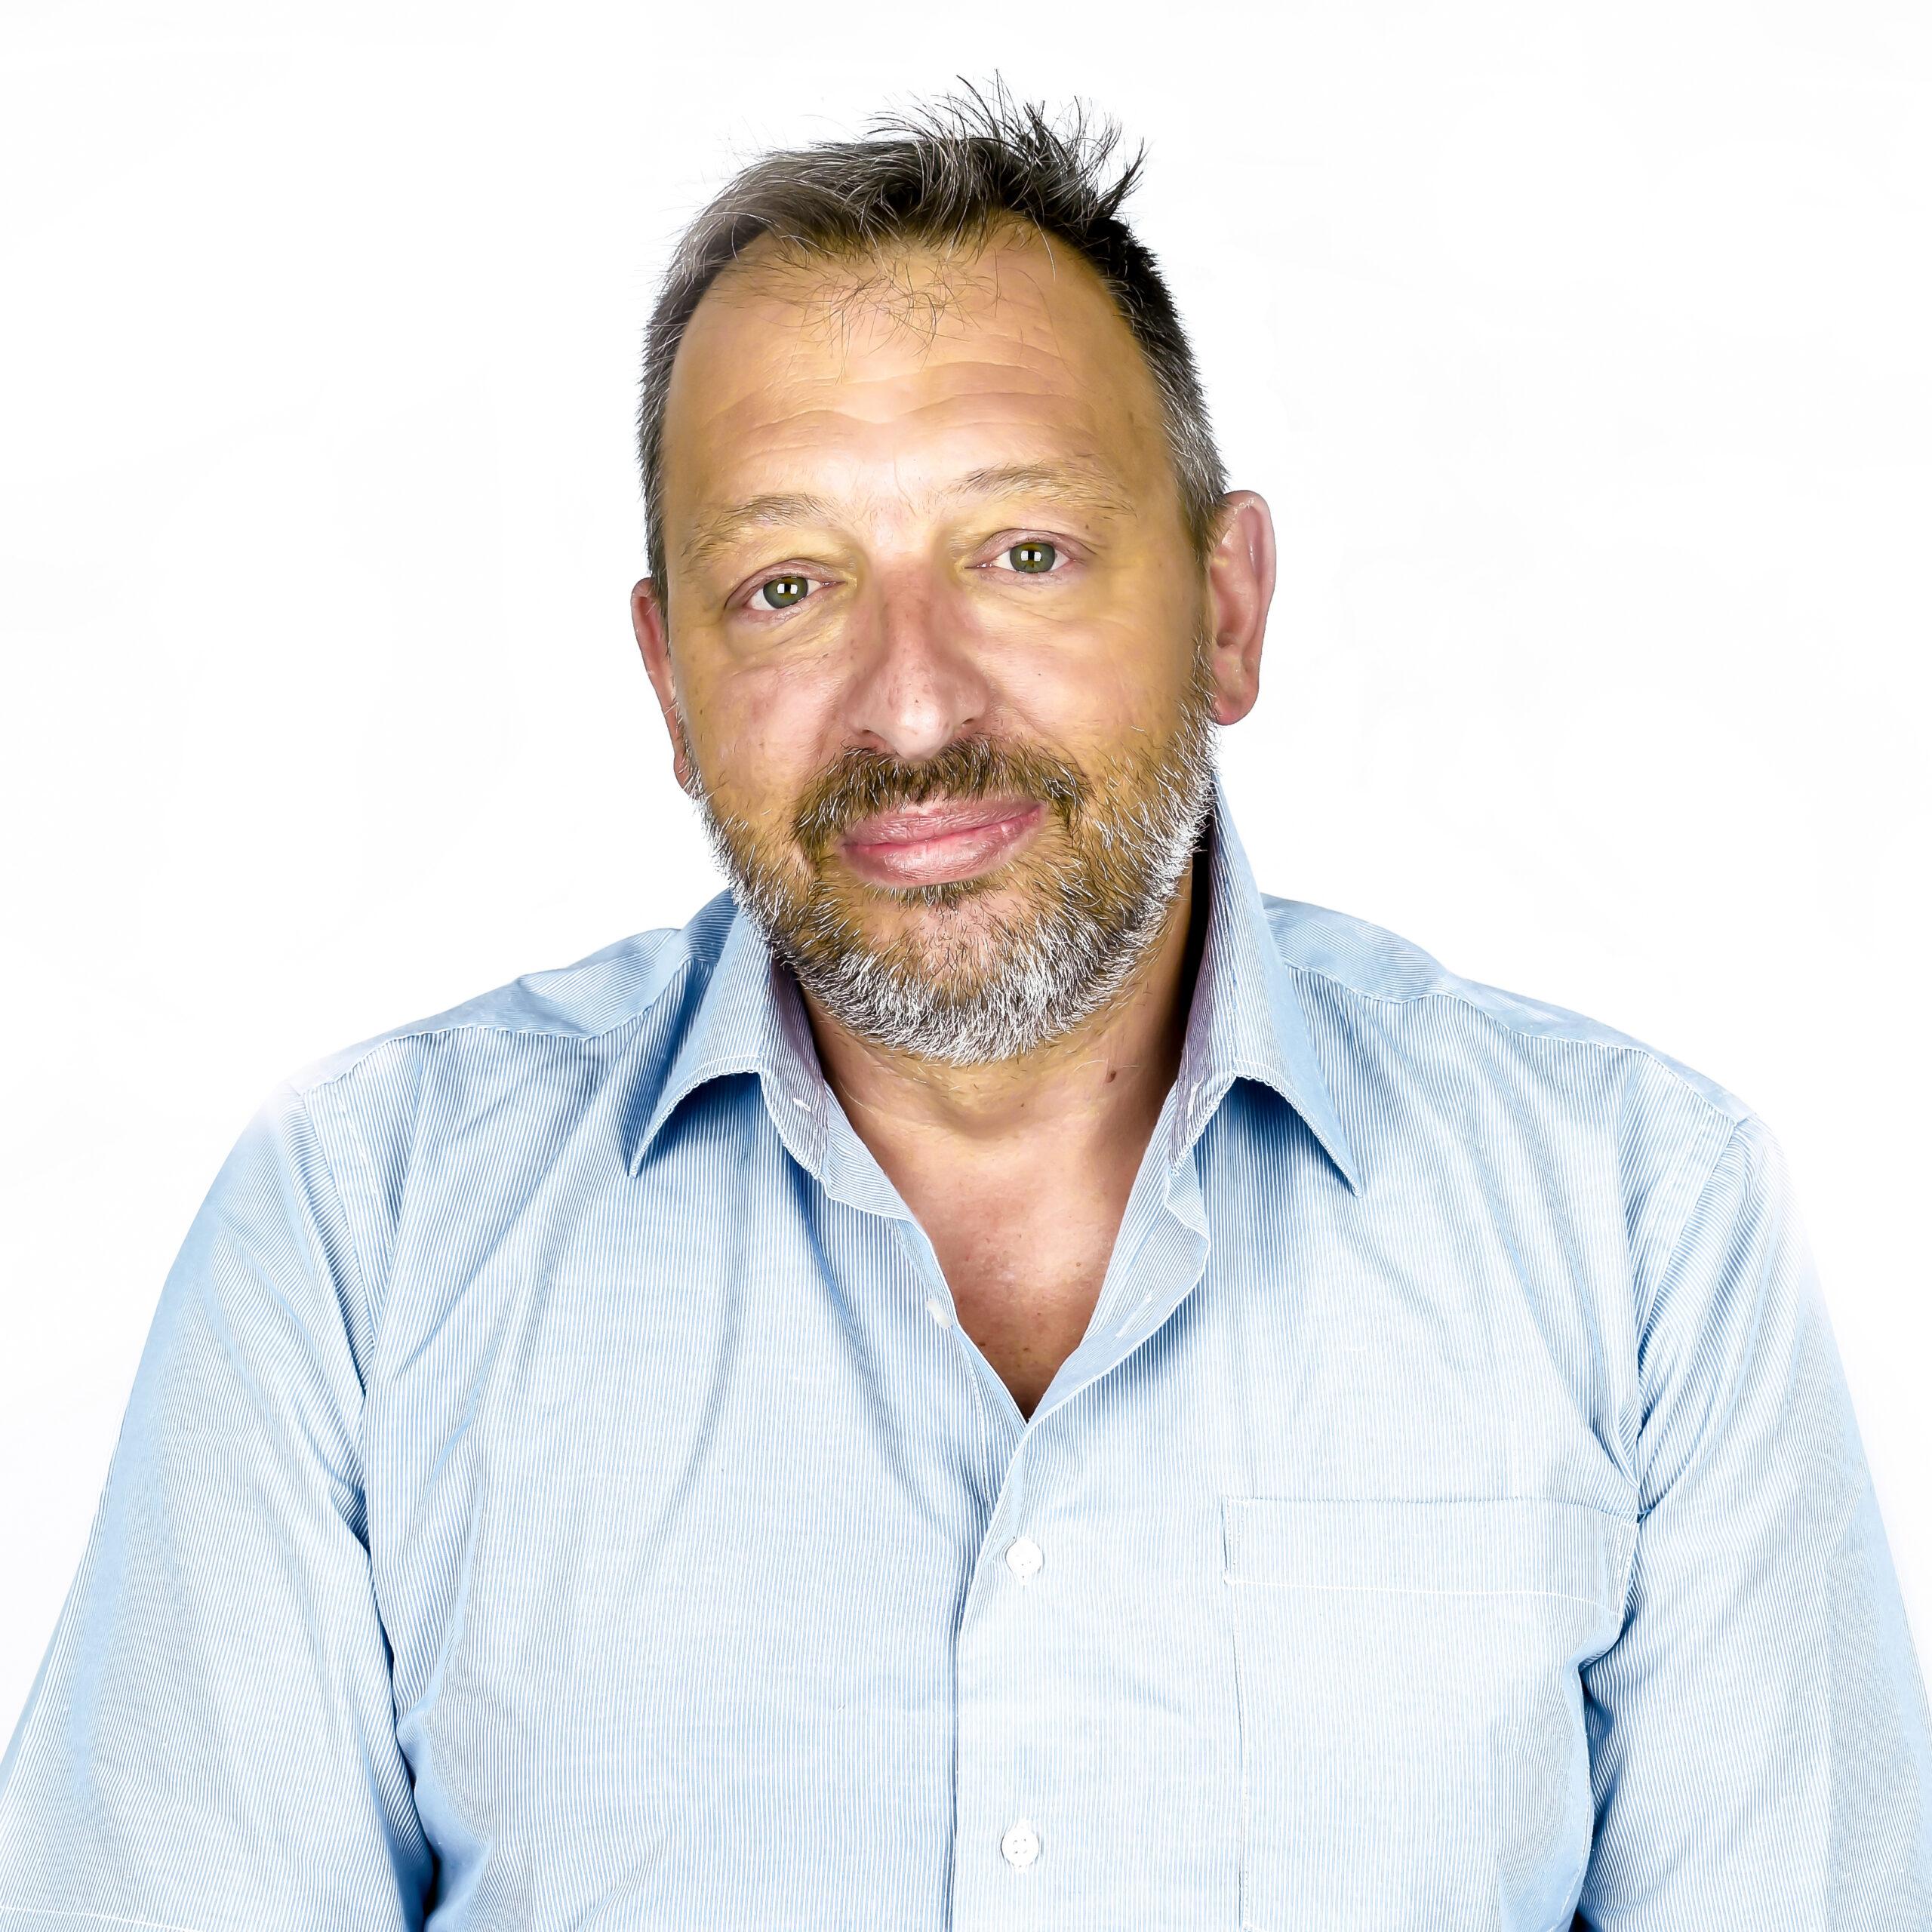 Marco Vito Chitti